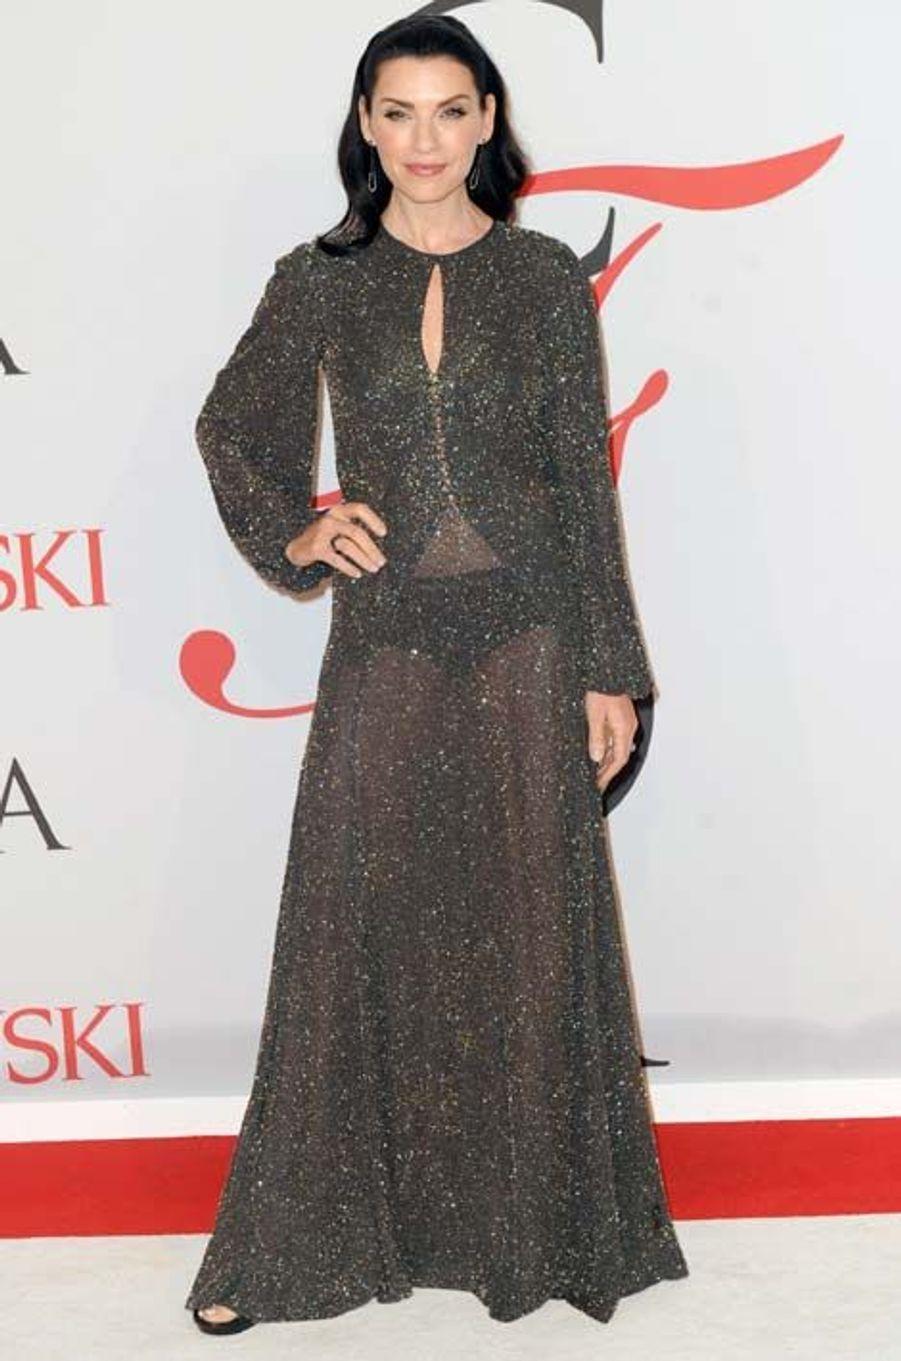 Carol Hathaway (Julianna Margulies)